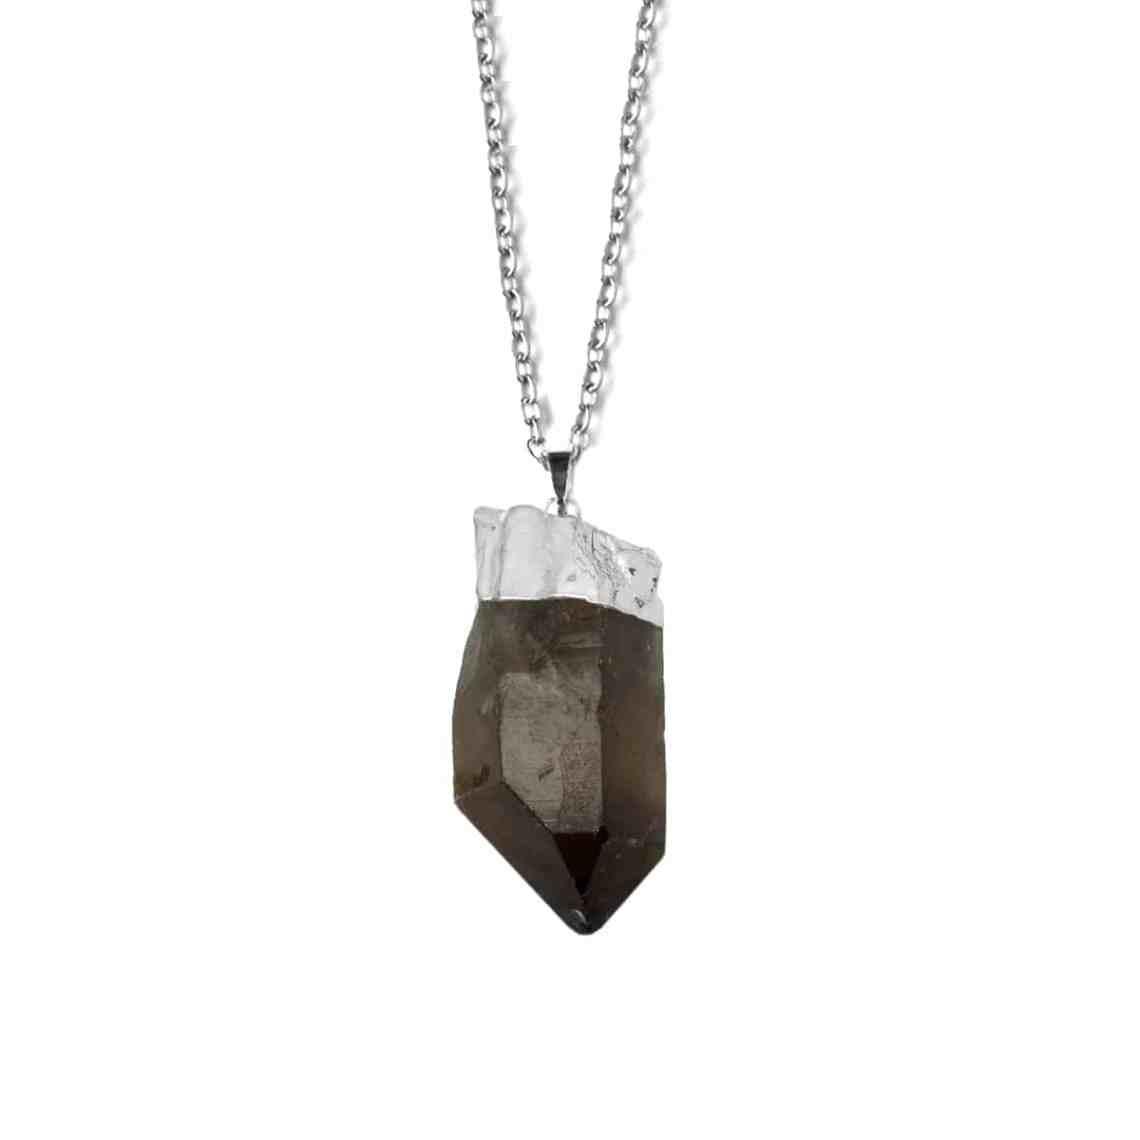 XL Smoke Quartz Necklace